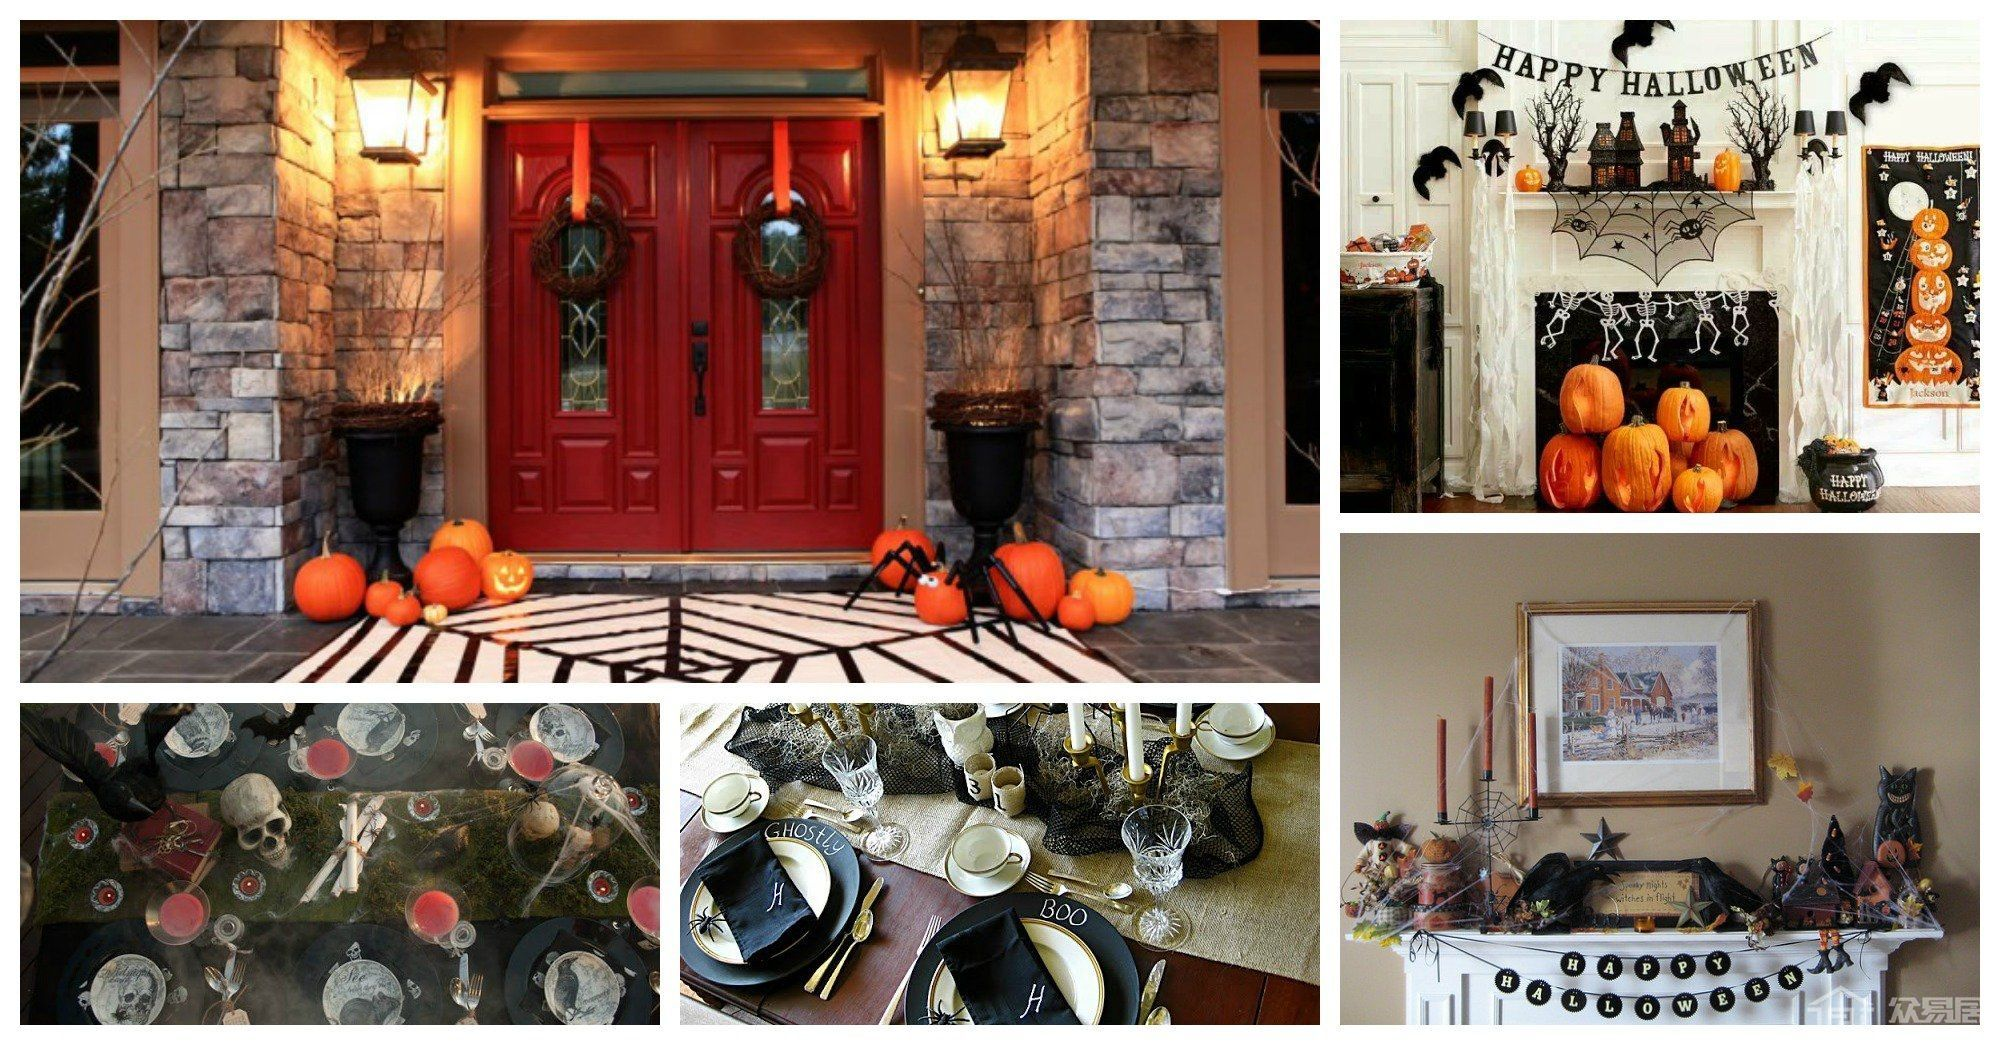 怎么在家里做万圣节装饰 万圣节的习俗有哪些